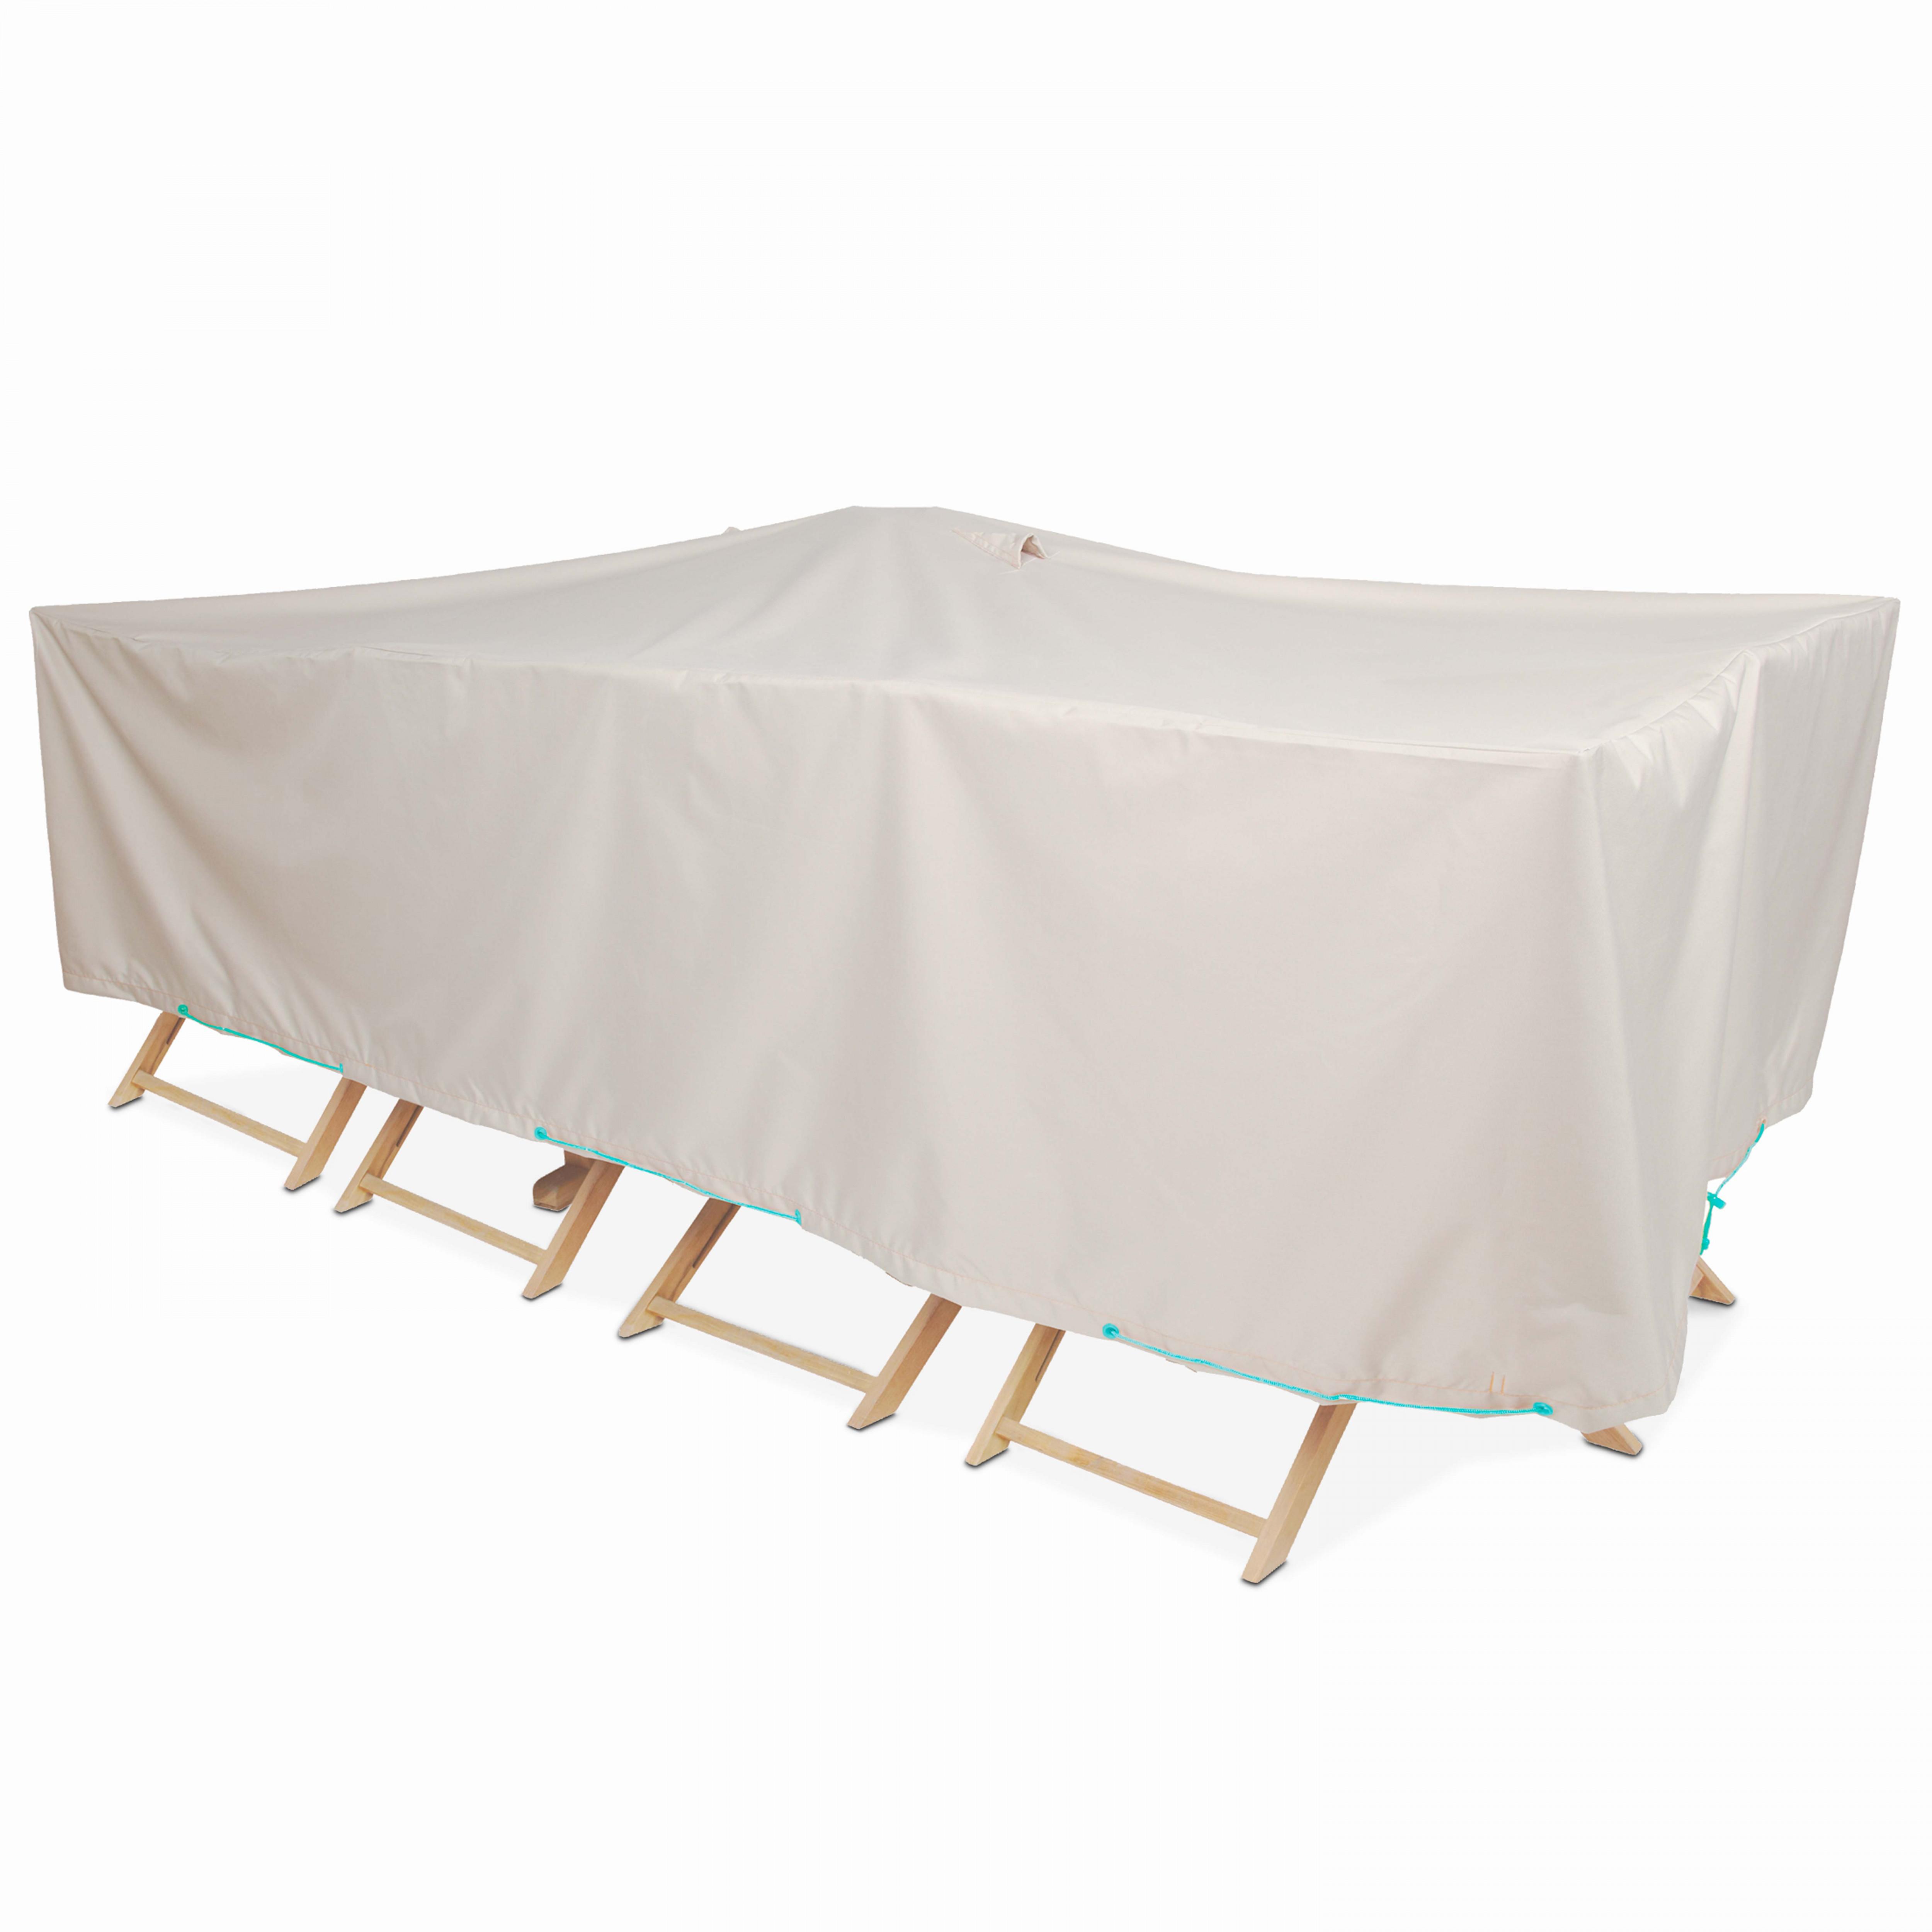 Housse salon de jardin 12 places en polyester taupe